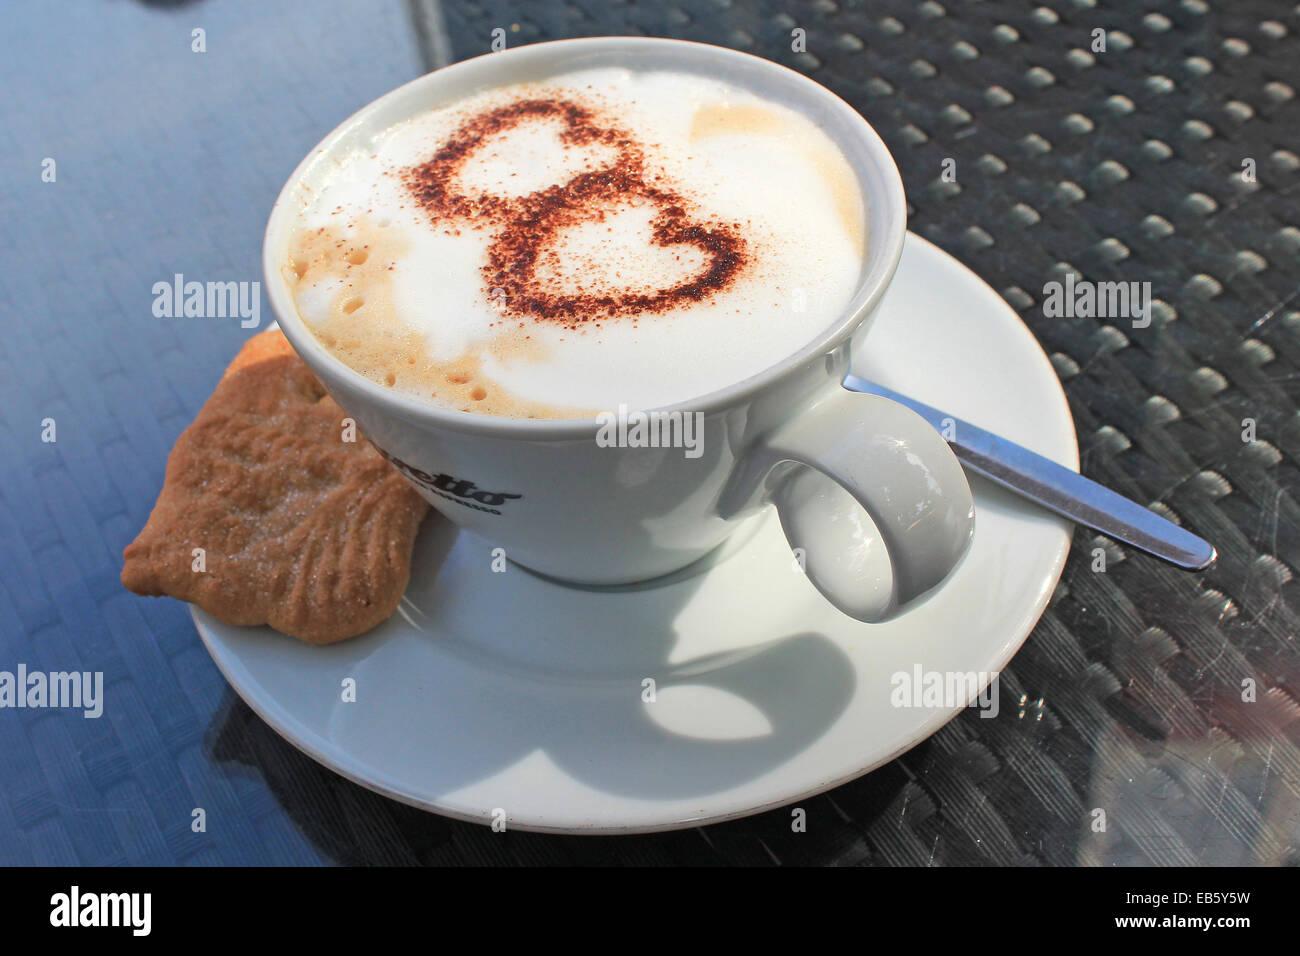 Tasse Cappuccino mit 2 Herzen aus Schokoladenpulver - Stock Image